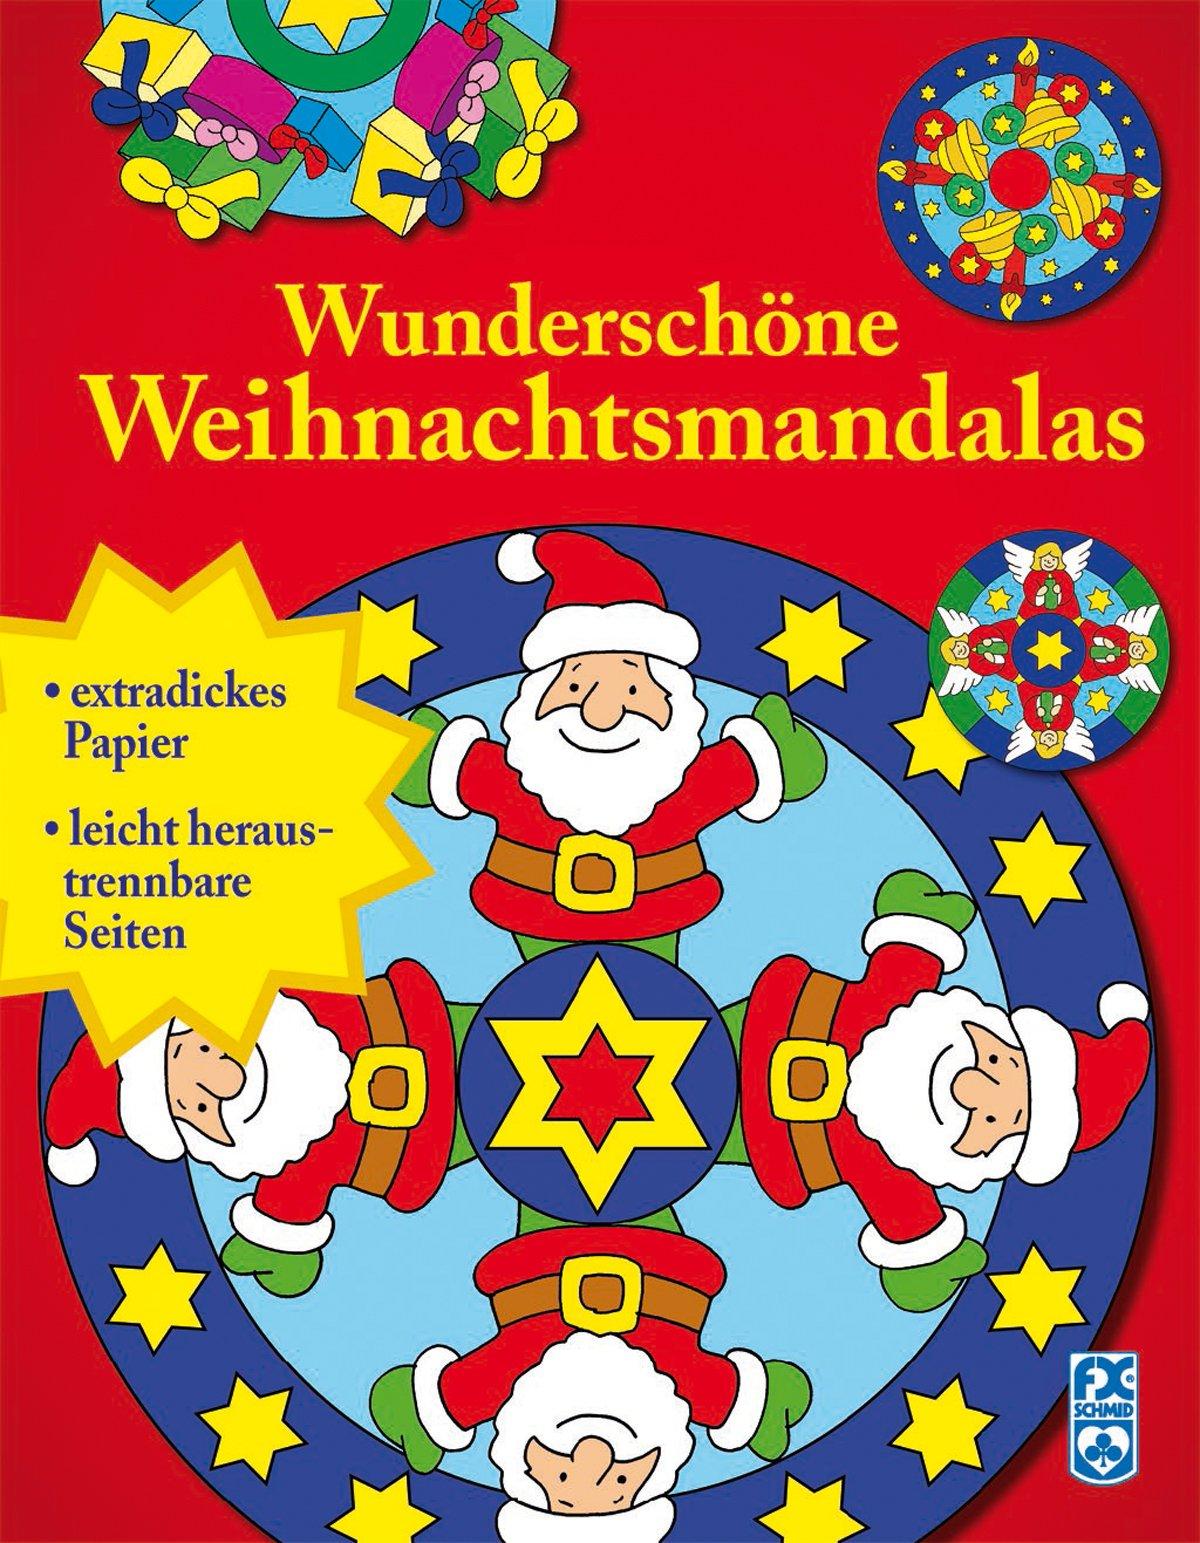 Wunderschöne Weihnachtsmandalas